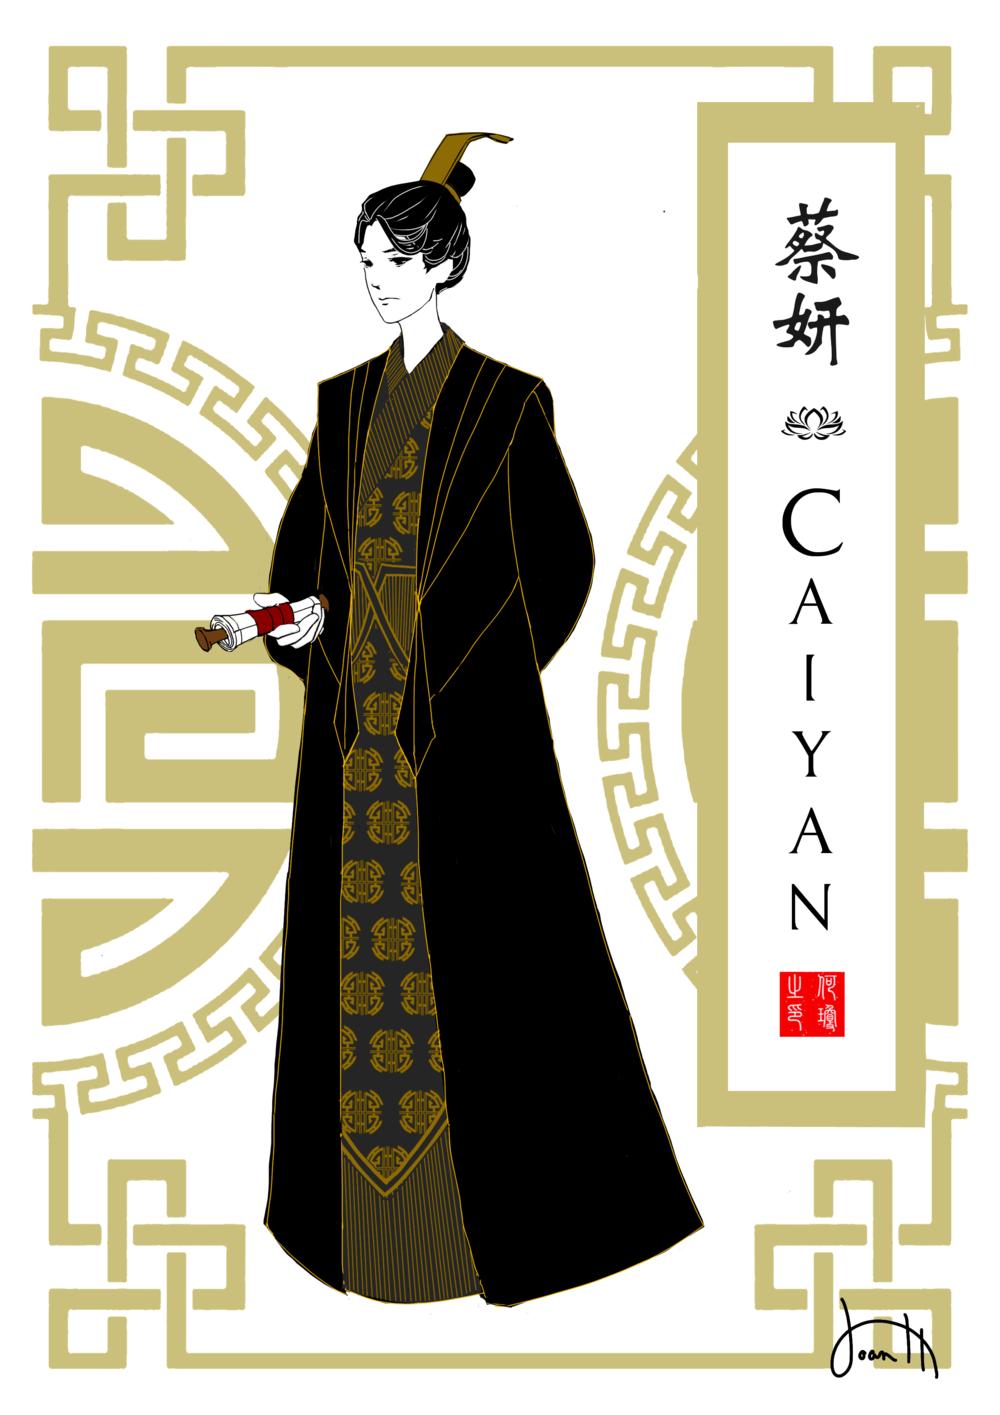 caiyan character card.png